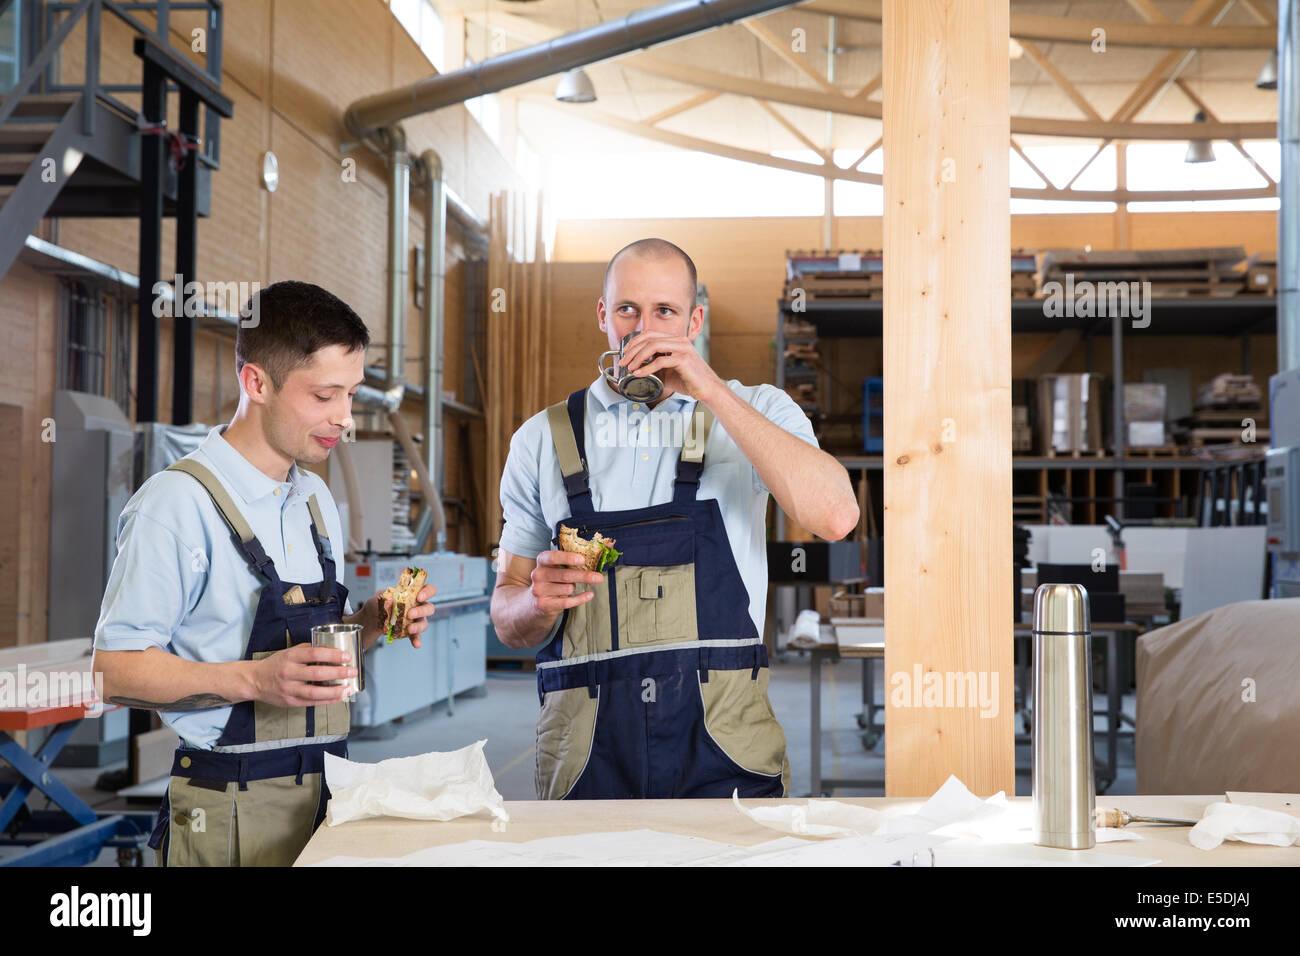 Atelier artisan en ayant le petit déjeuner pause Photo Stock